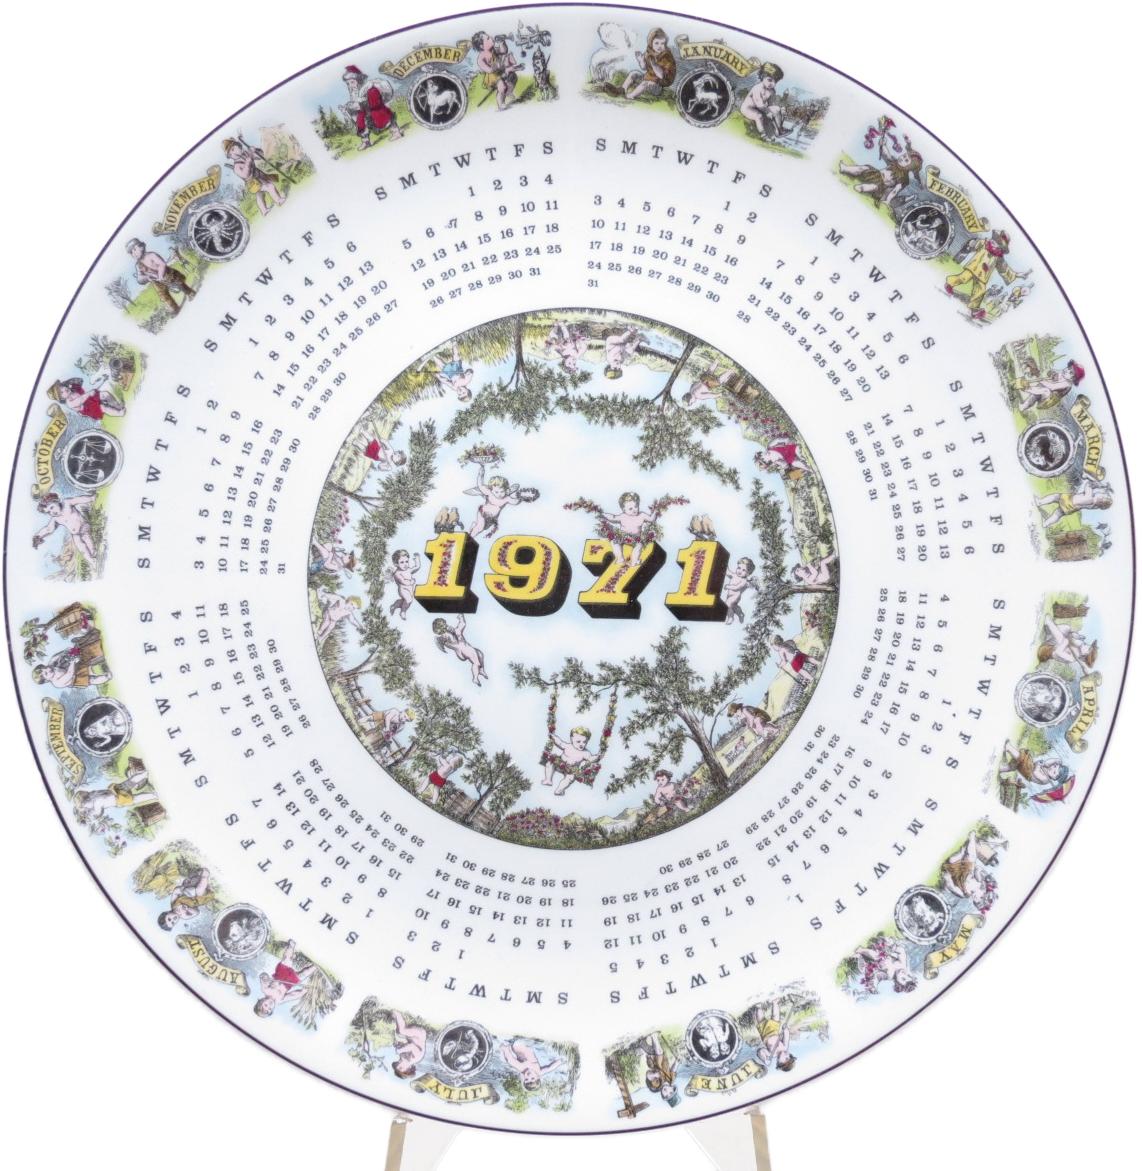 Декоративная коллекционная тарелка Календарь 1971. Фарфор, деколь. Великобритания, Wedgwood of Etruria & Barlaston, 1971 декоративная коллекционная тарелка календарь 1971 фарфор деколь великобритания wedgwood of etruria